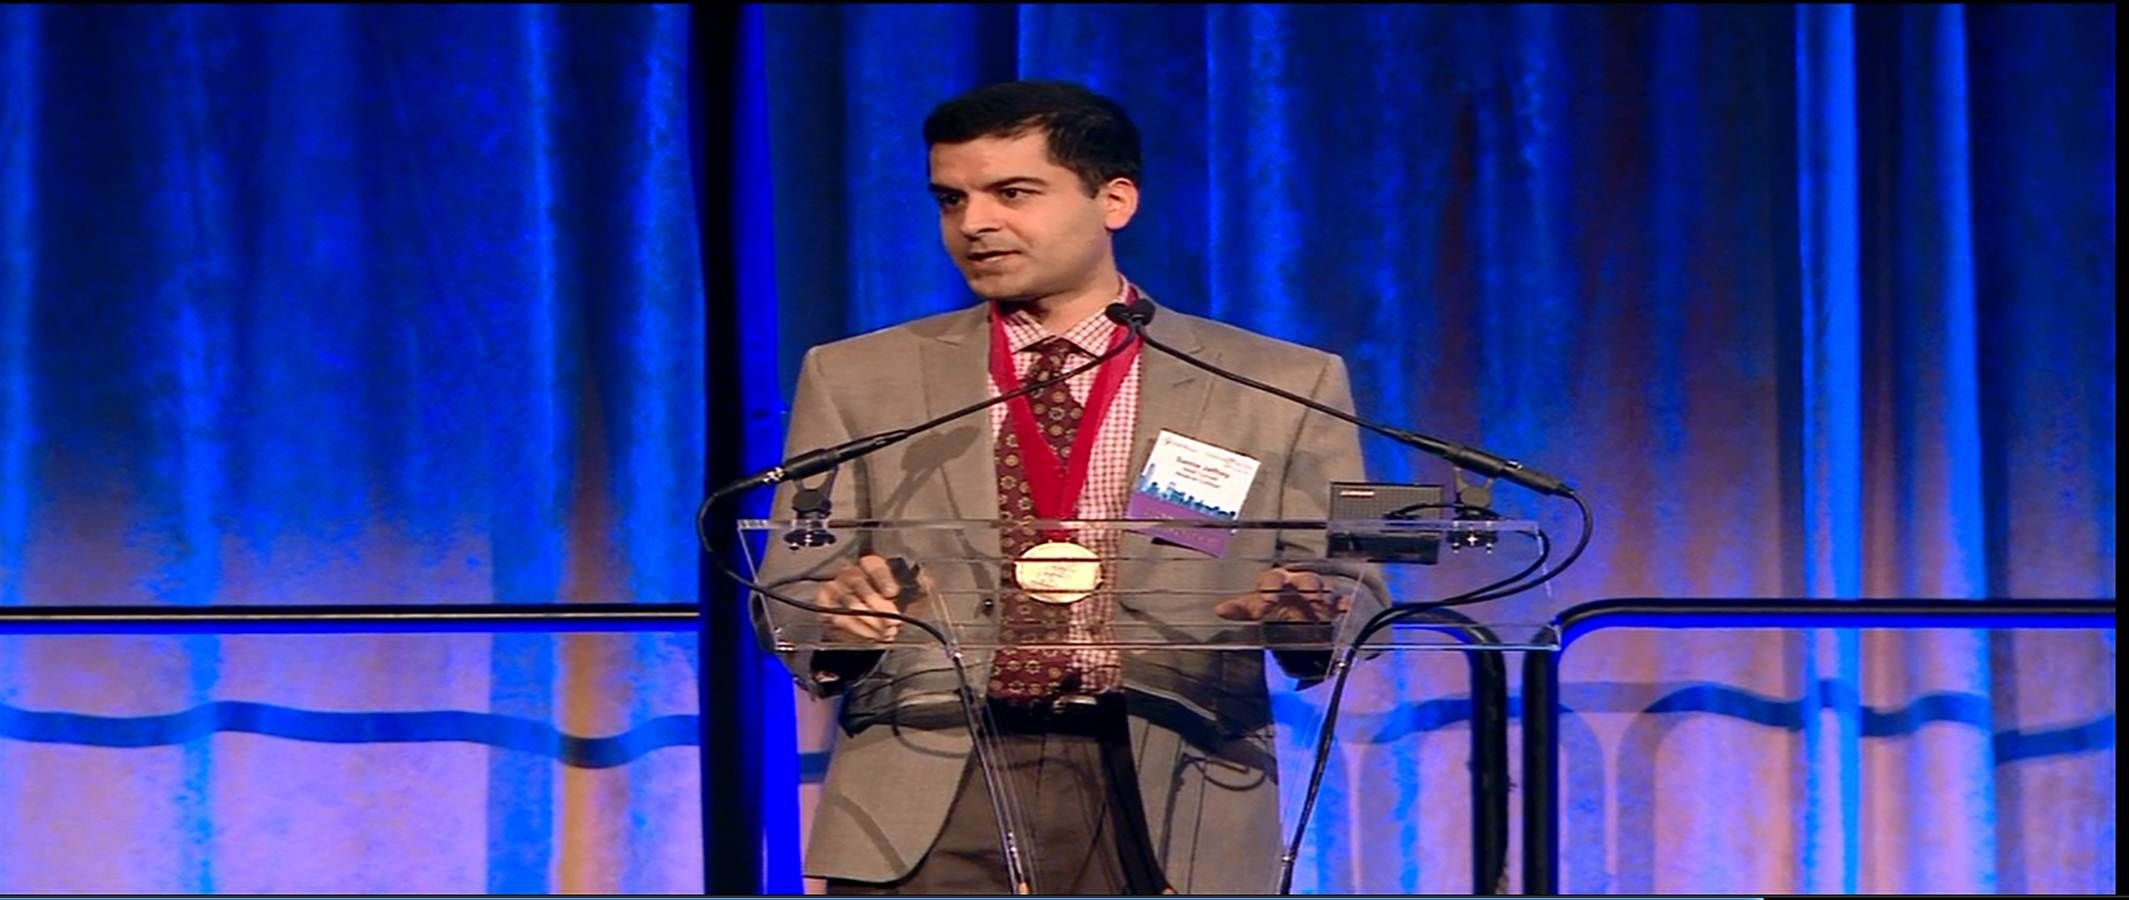 Dr. Jaffrey accepting award at Gala.